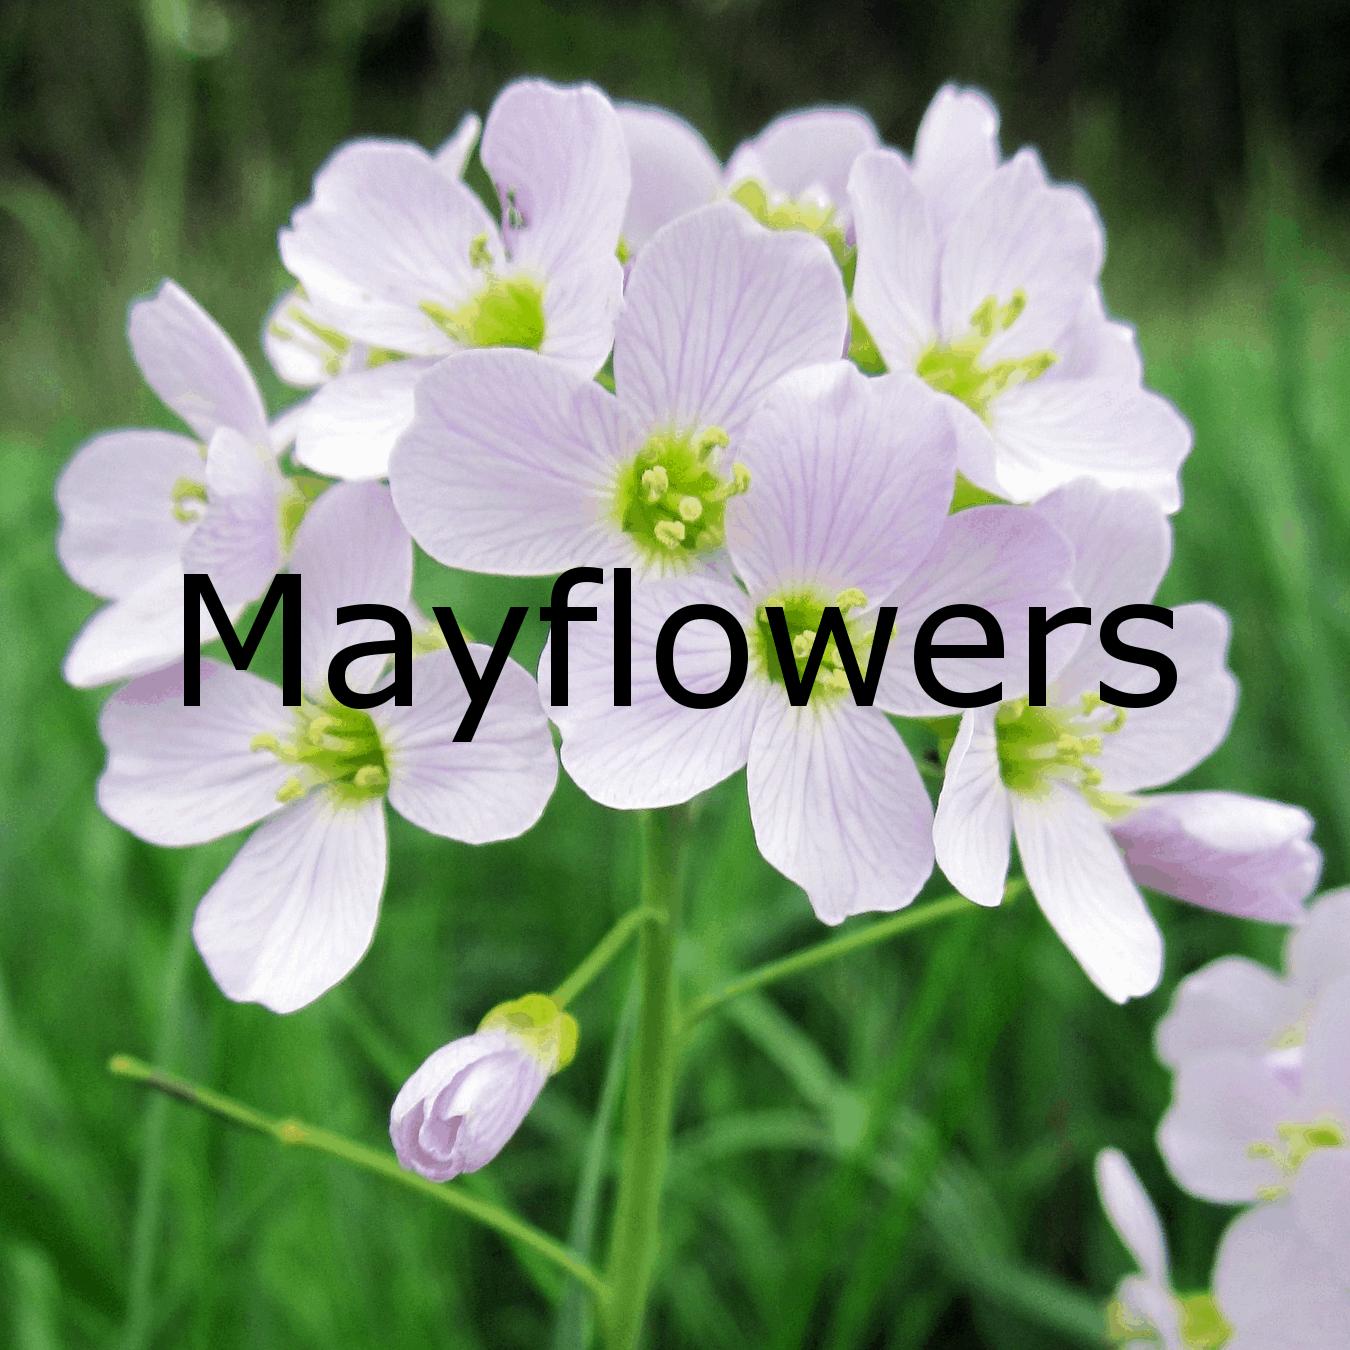 Mayflowers - ein Dank an den Frühling, in Gitarrenmusik verpackt